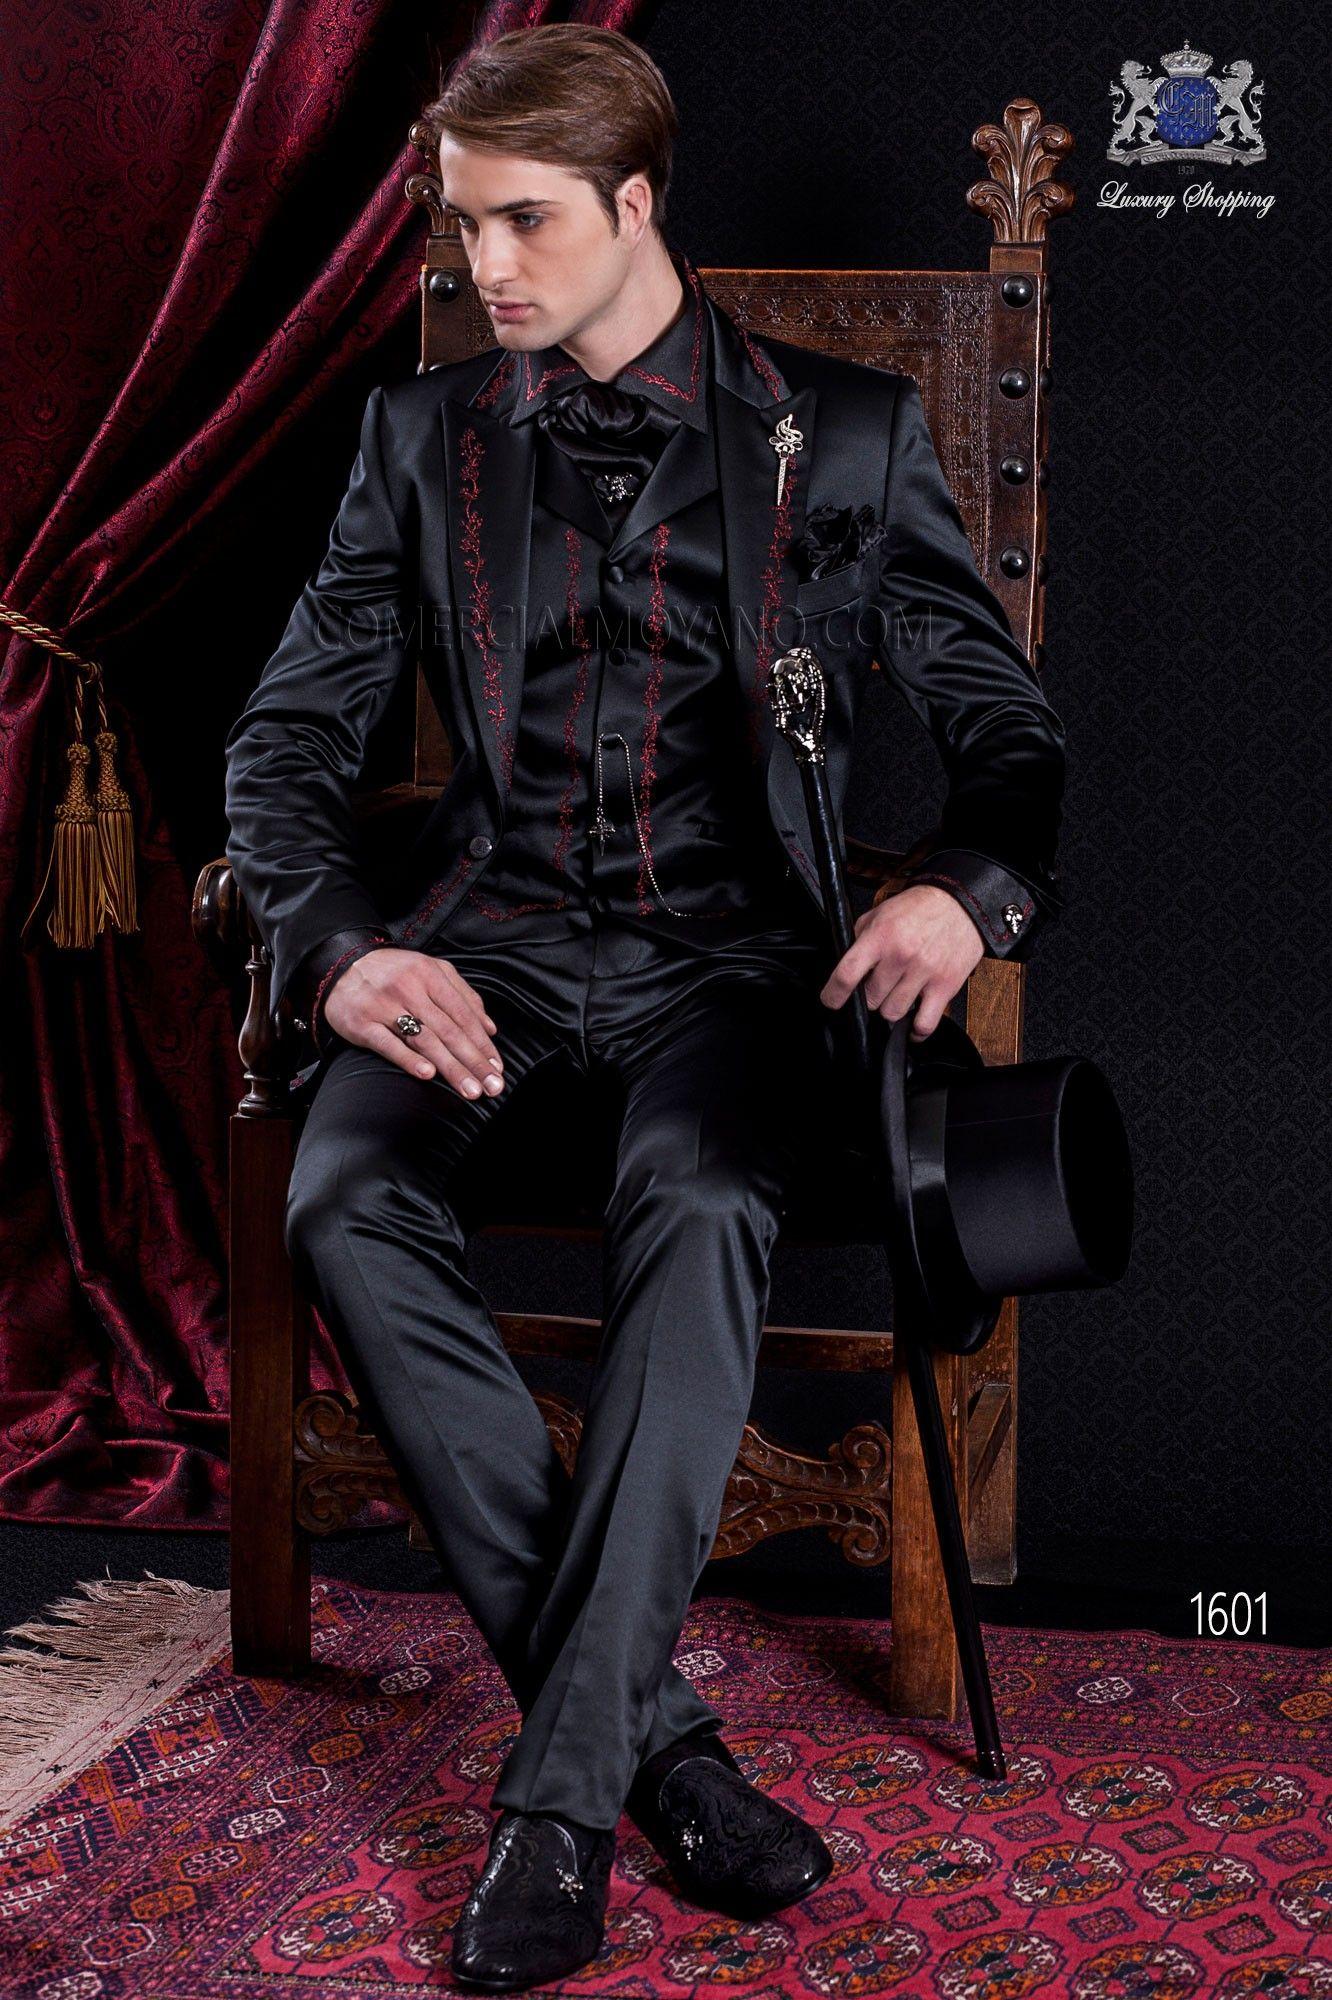 gotik schwarzer hochzeitsanzug aus satin mit steigendes. Black Bedroom Furniture Sets. Home Design Ideas